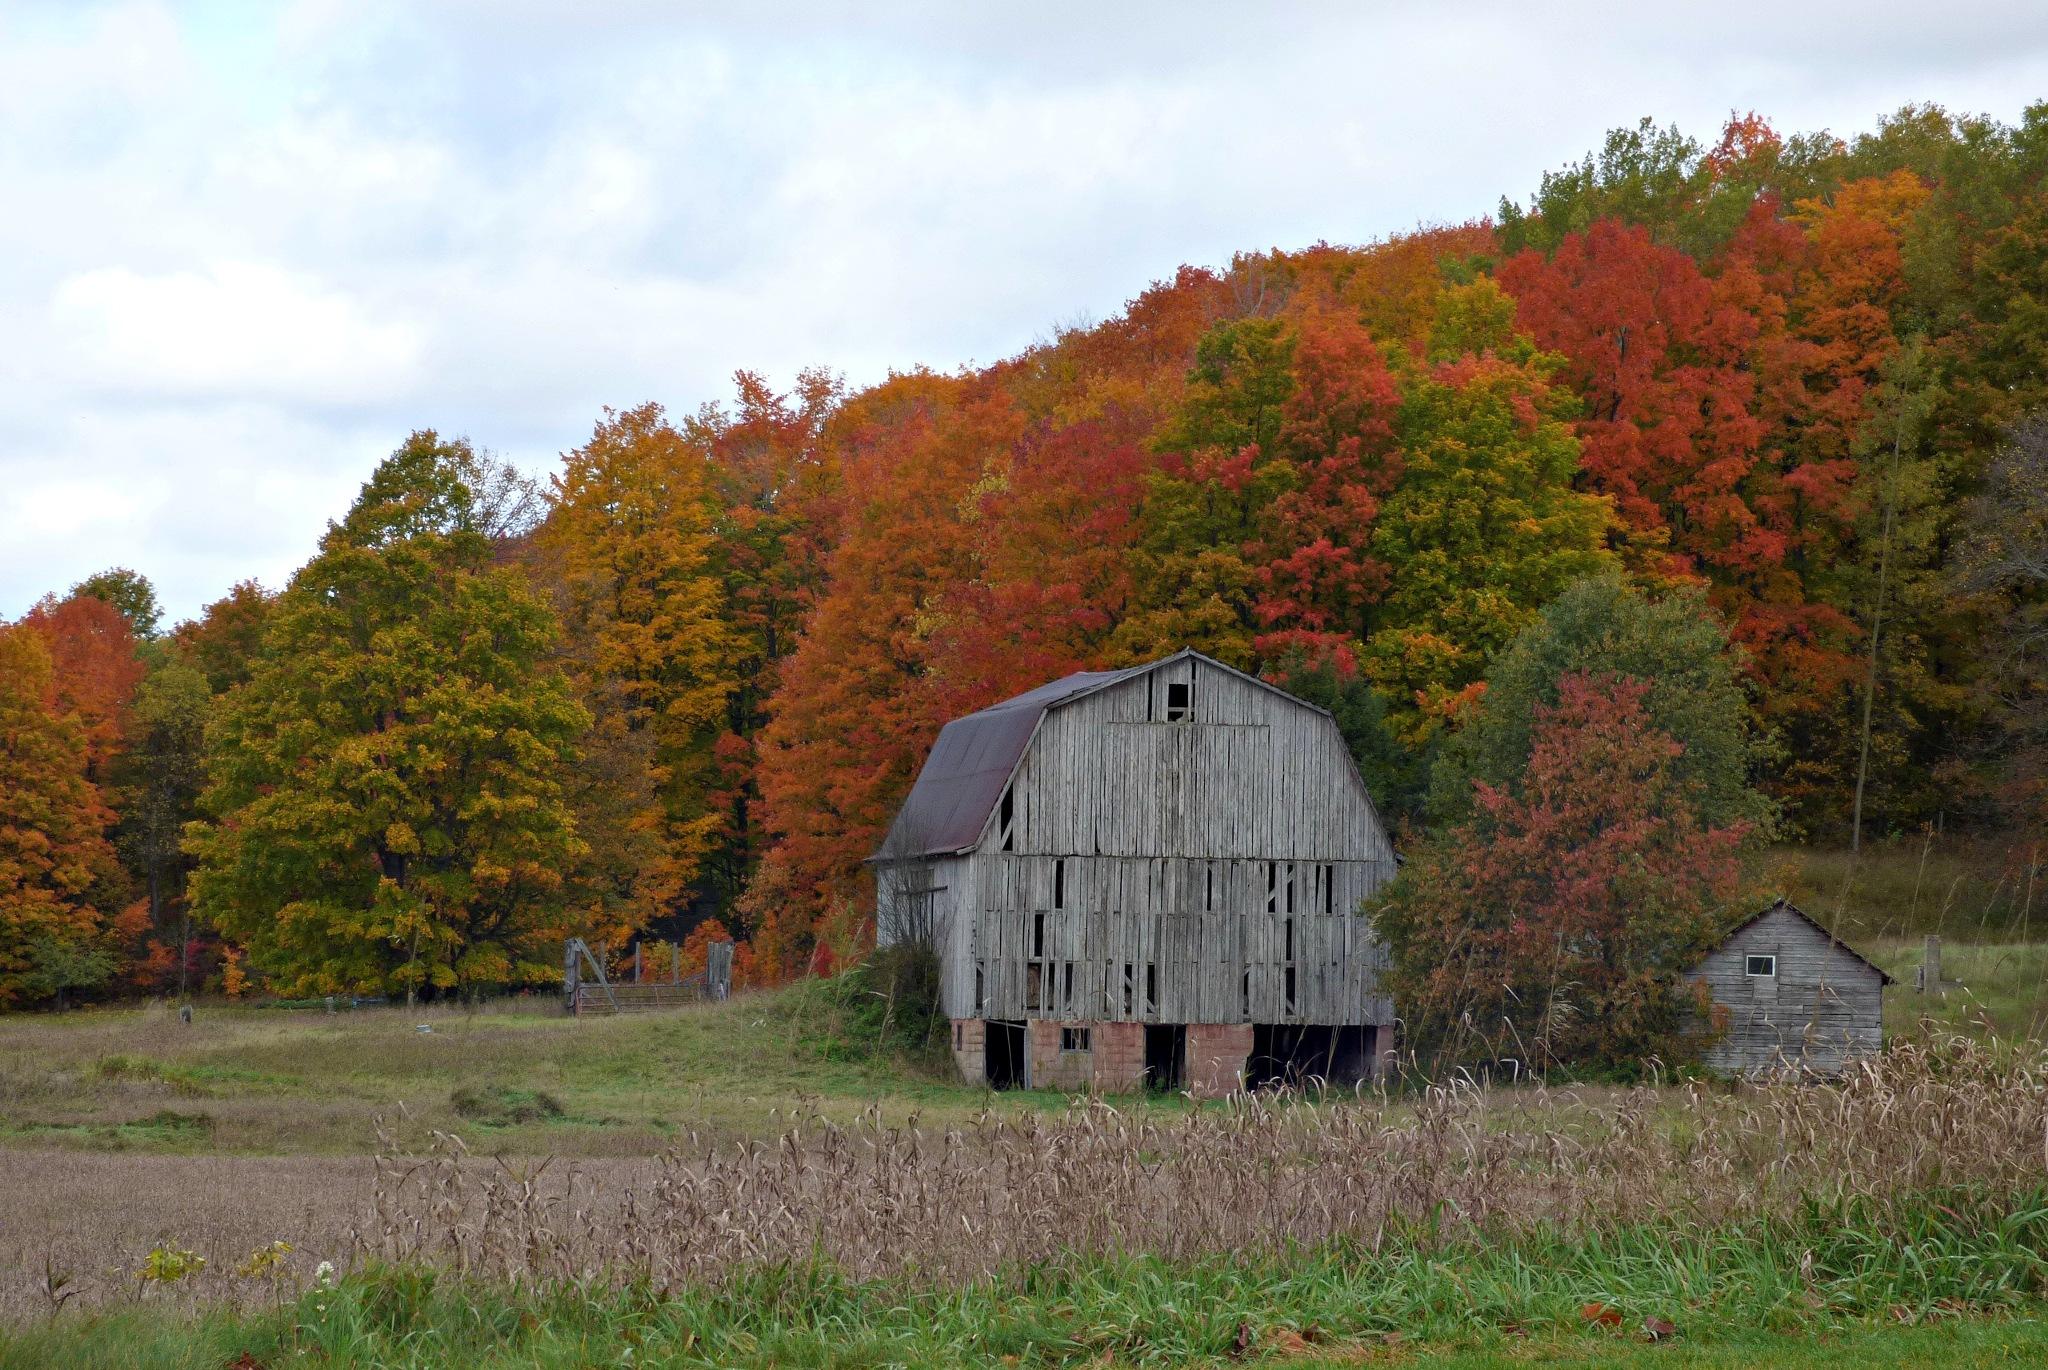 Northern Michigan Autumn by ScottWardPhotography